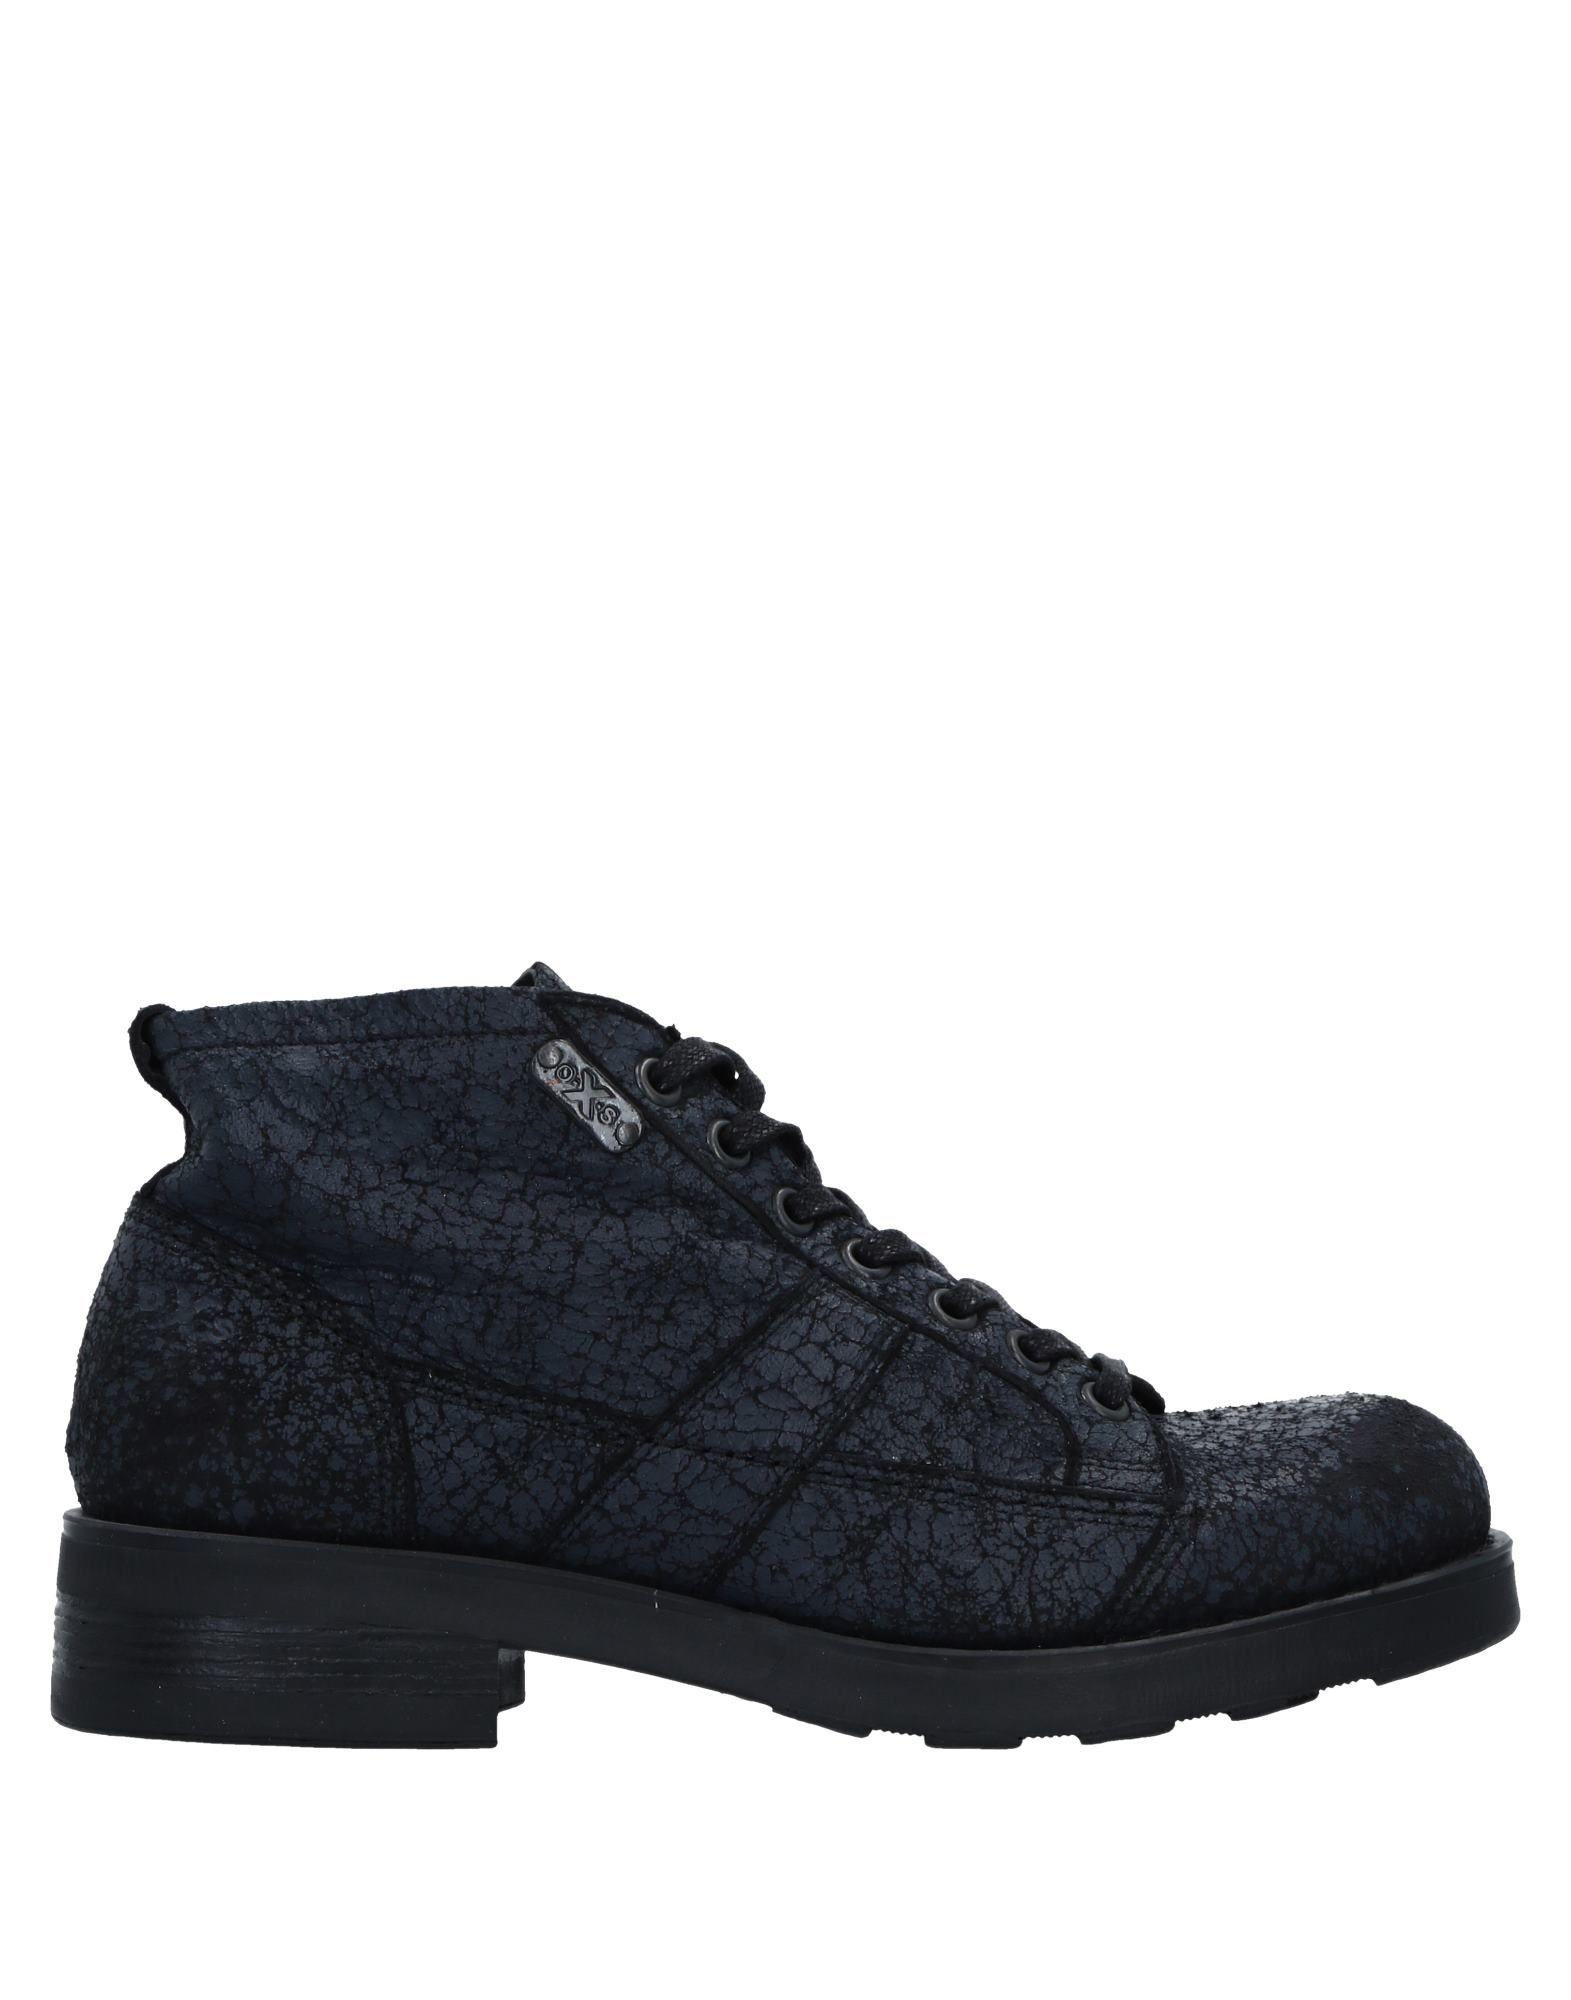 O.X.S. Stiefelette Herren  11533191DX Gute Qualität beliebte Schuhe